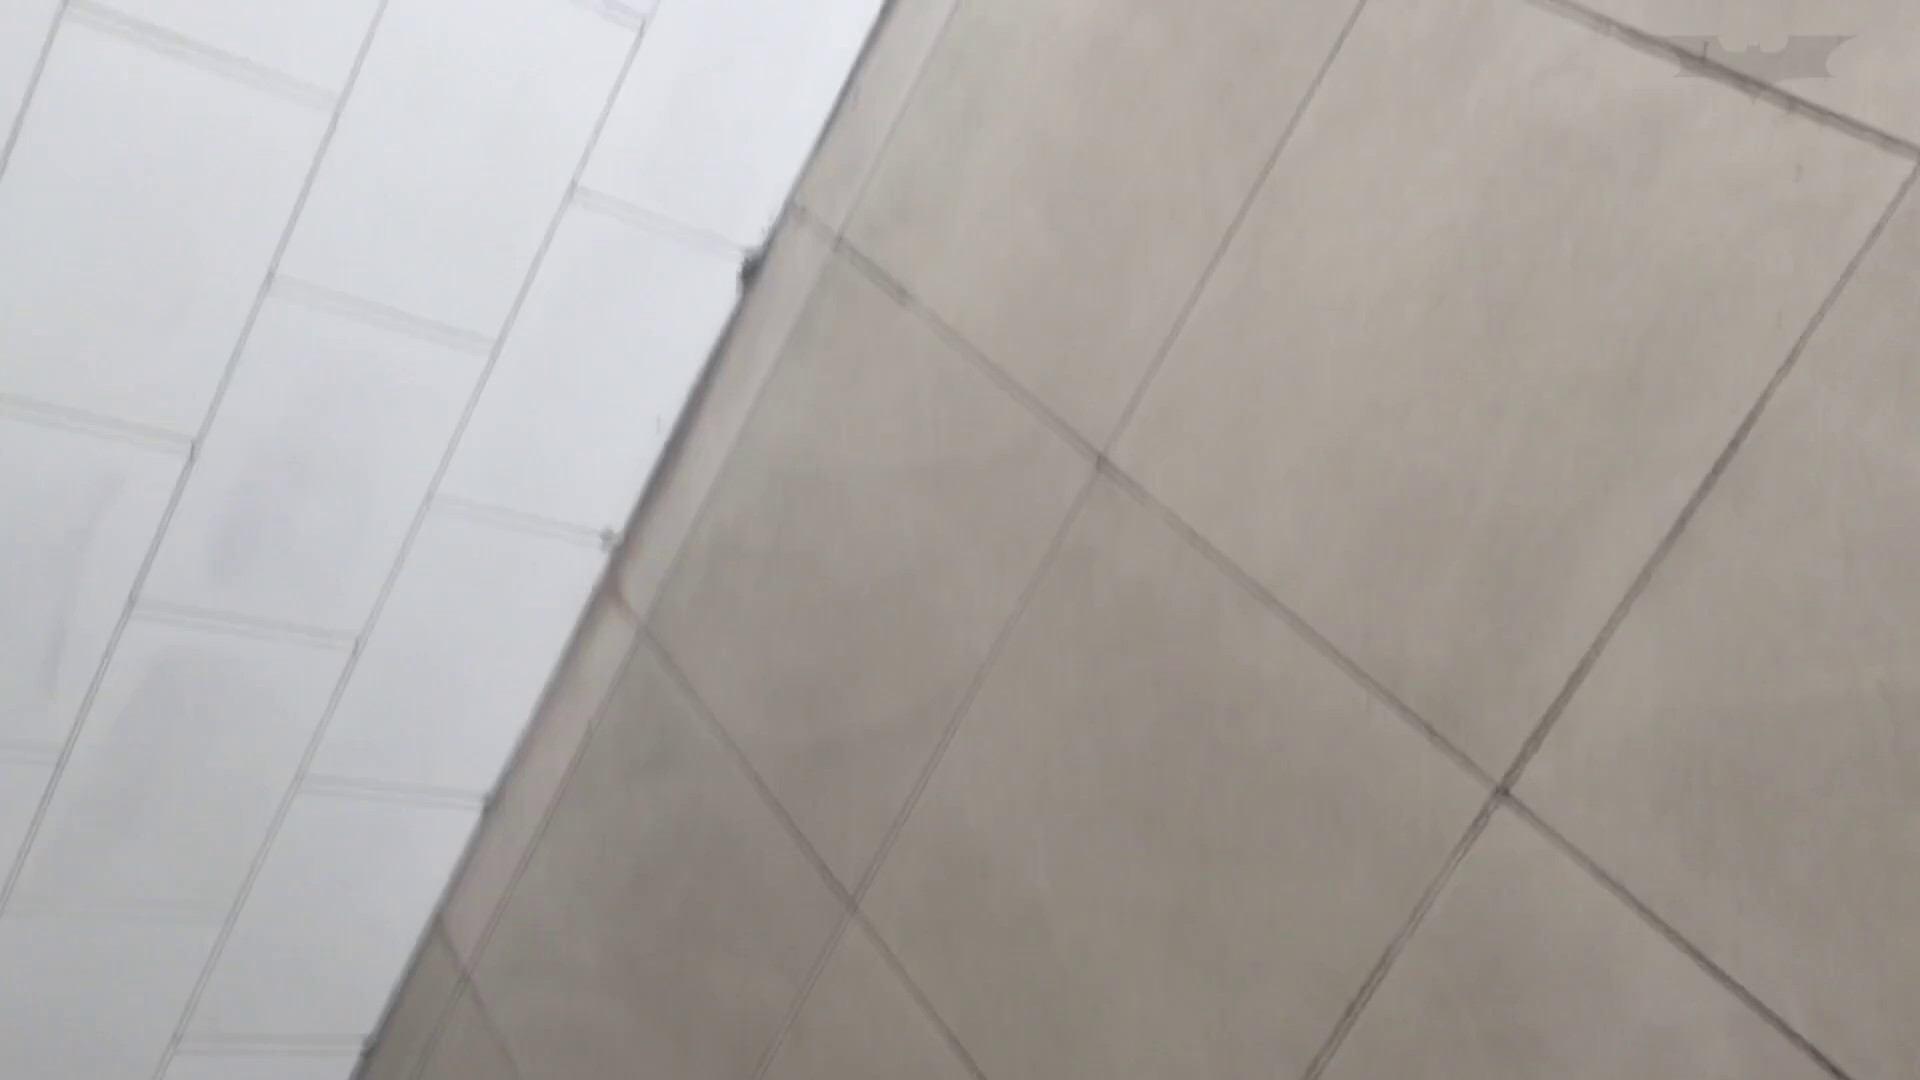 芸術大学ガチ潜入盗撮 JD盗撮 美女の洗面所の秘密 Vol.91 洗面所  58PIX 42